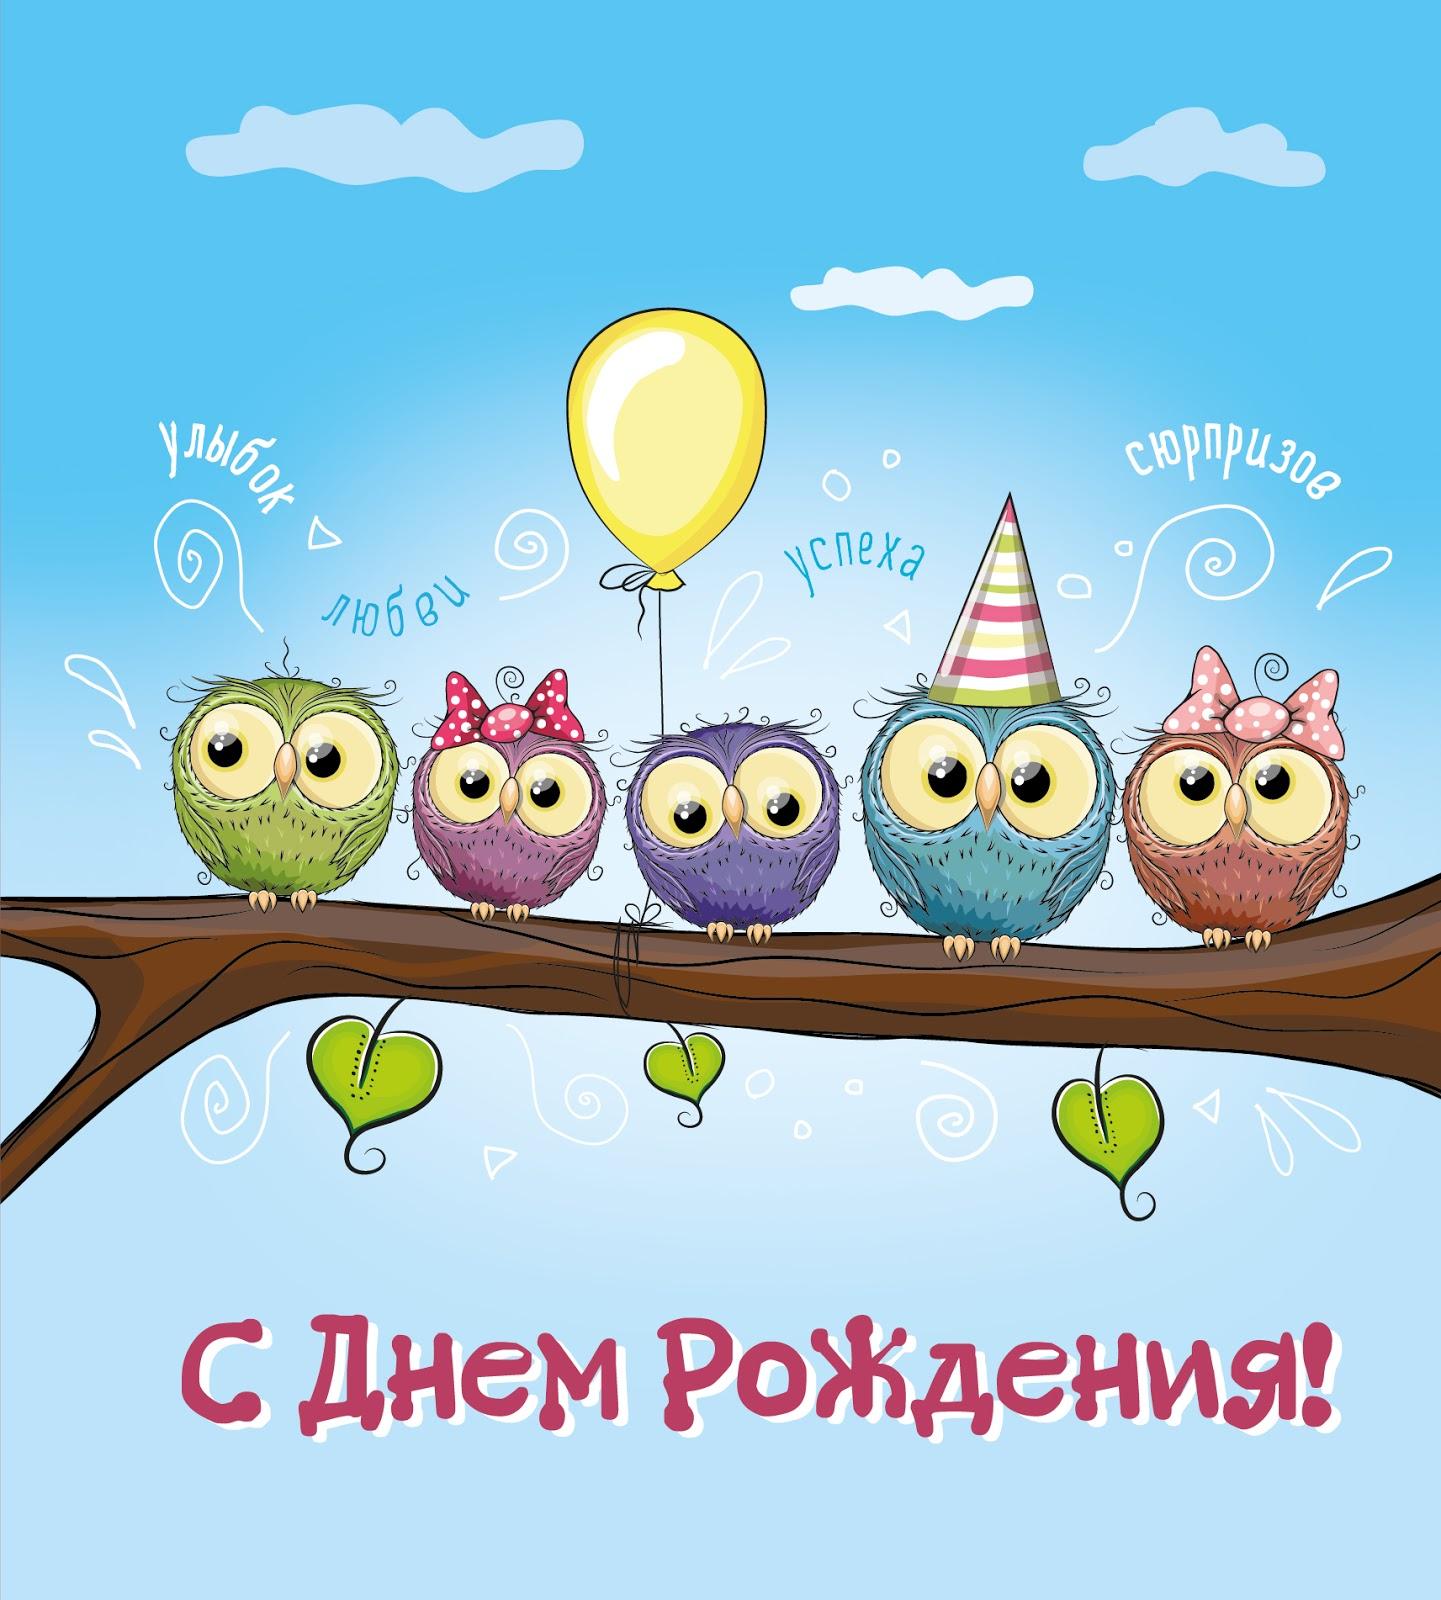 С днем рождения школа